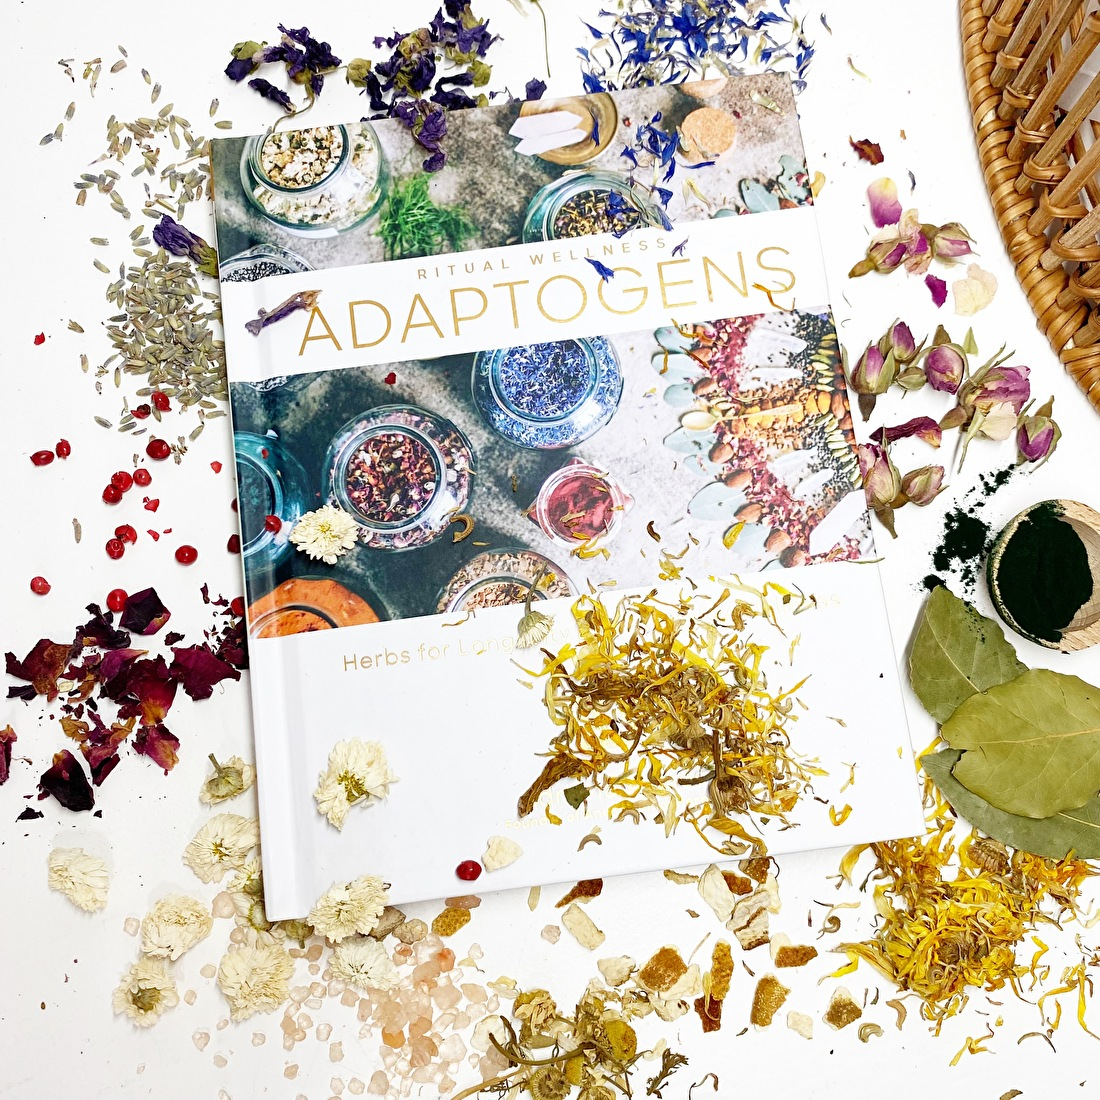 kruiden en bloemen rituelen heksen magie maan